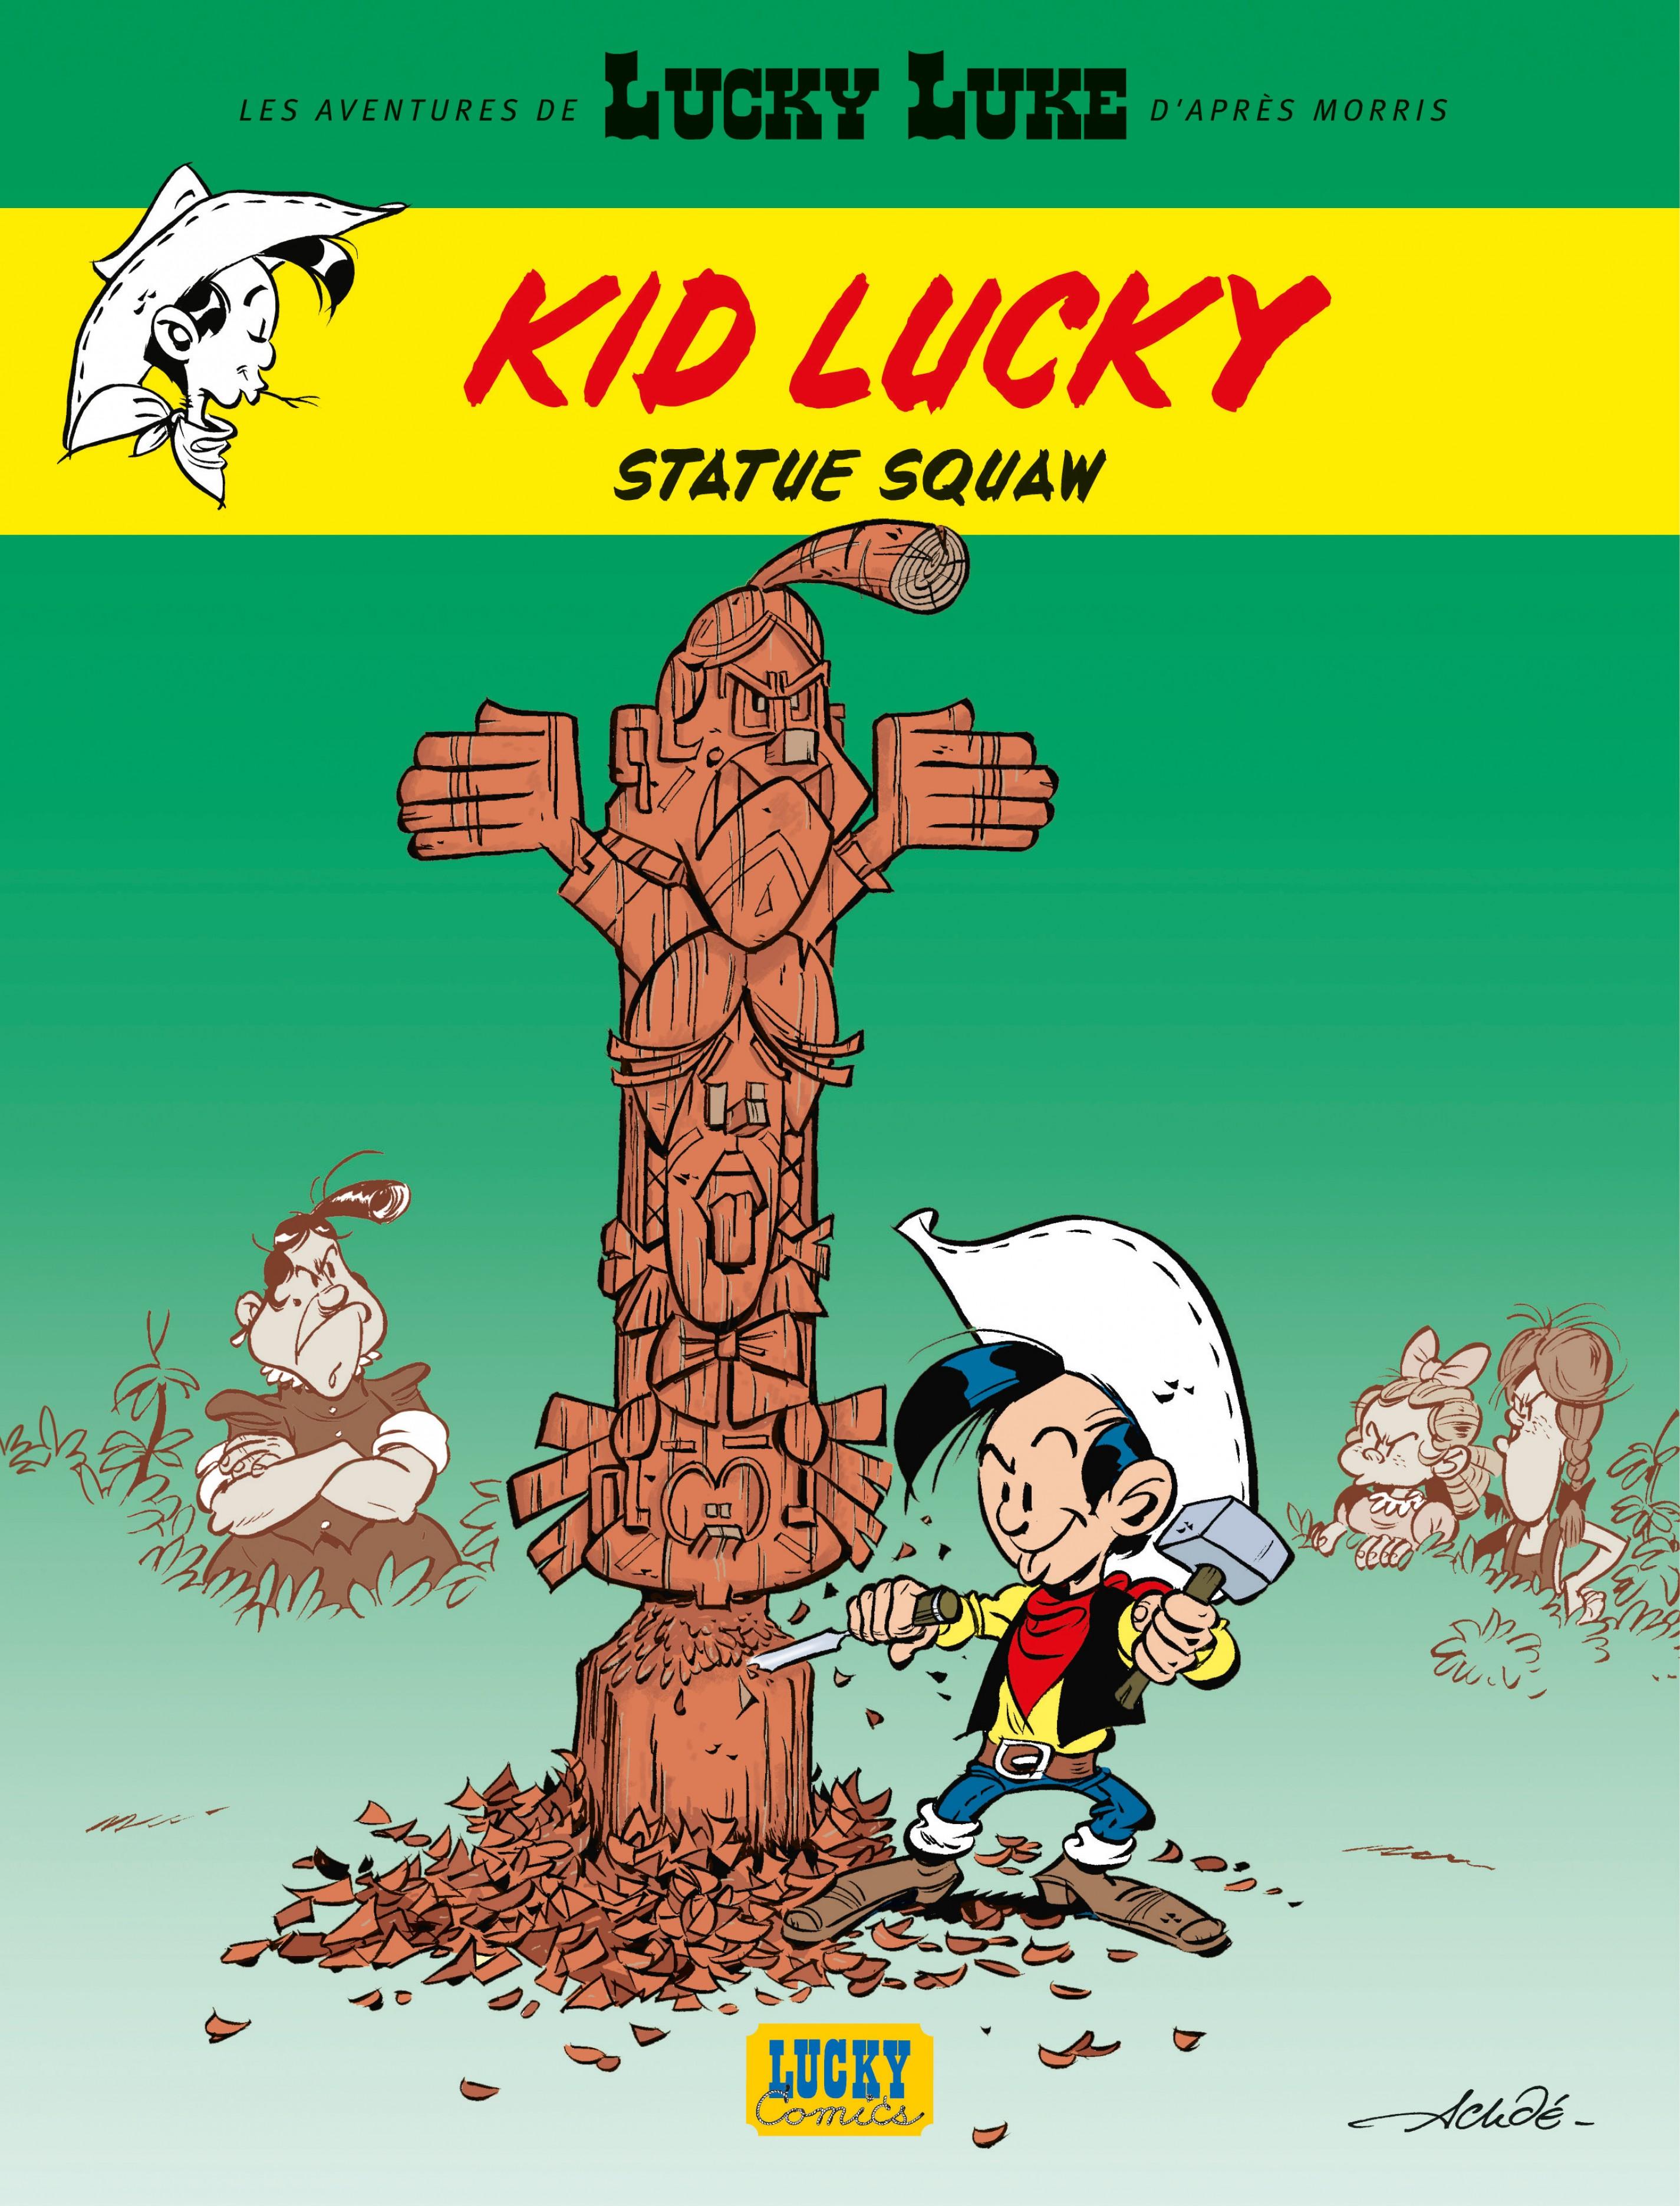 Les aventures de Kid Lucky d'après Morris - Tome 3 - Statue squaw